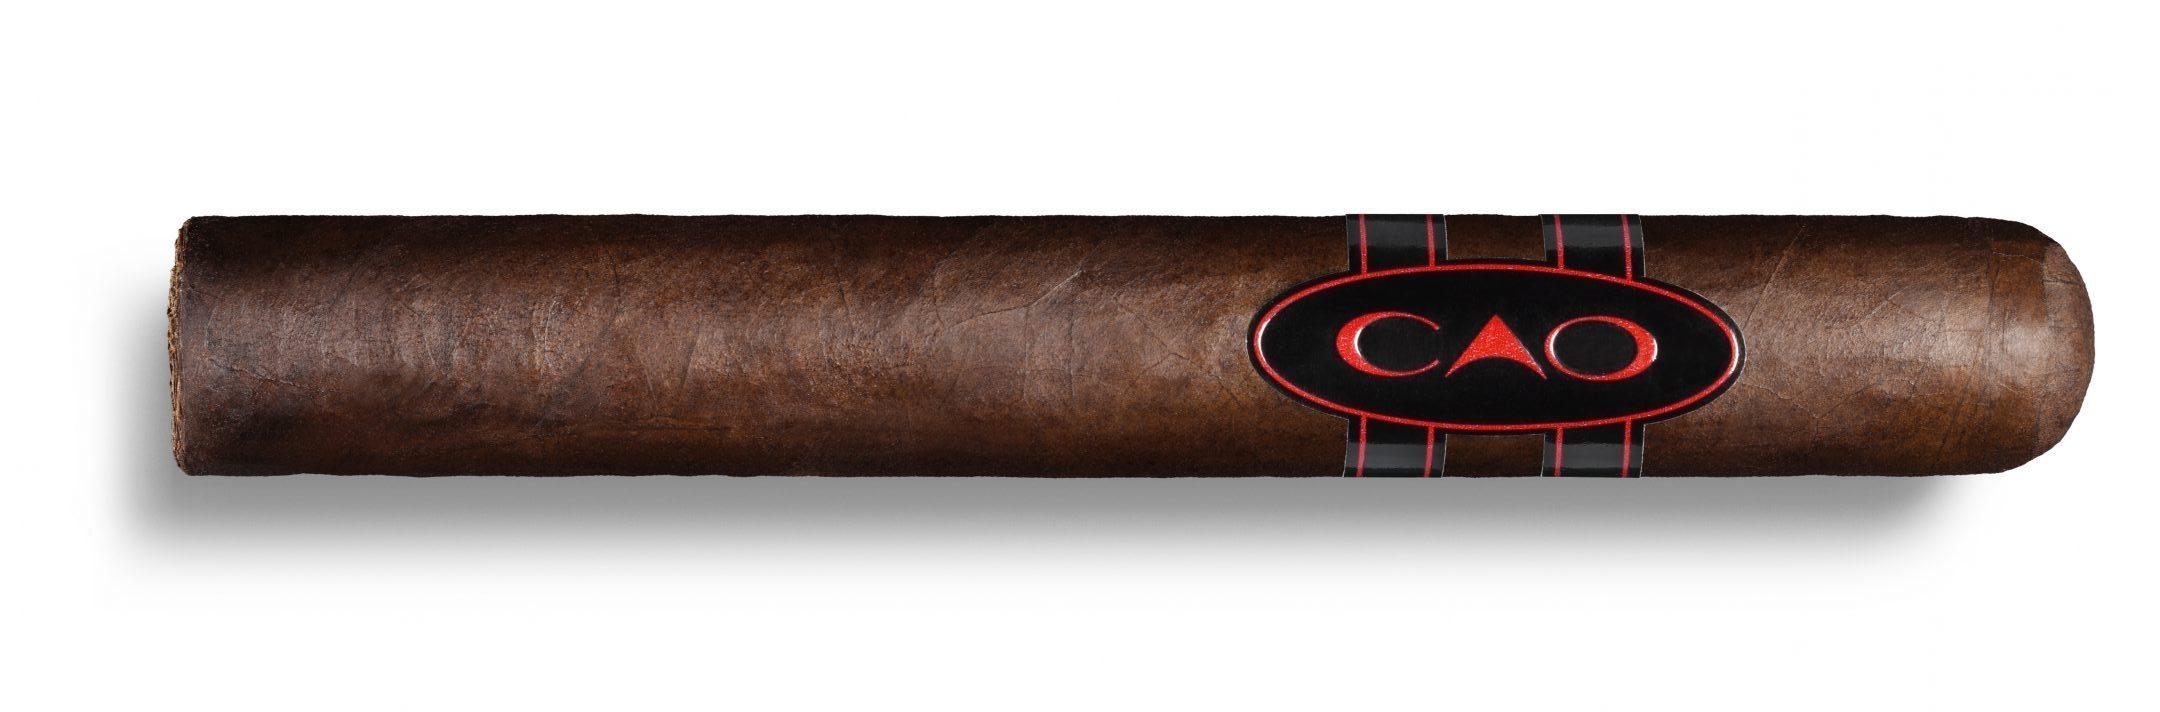 IPCPR: 2016 – General Cigar